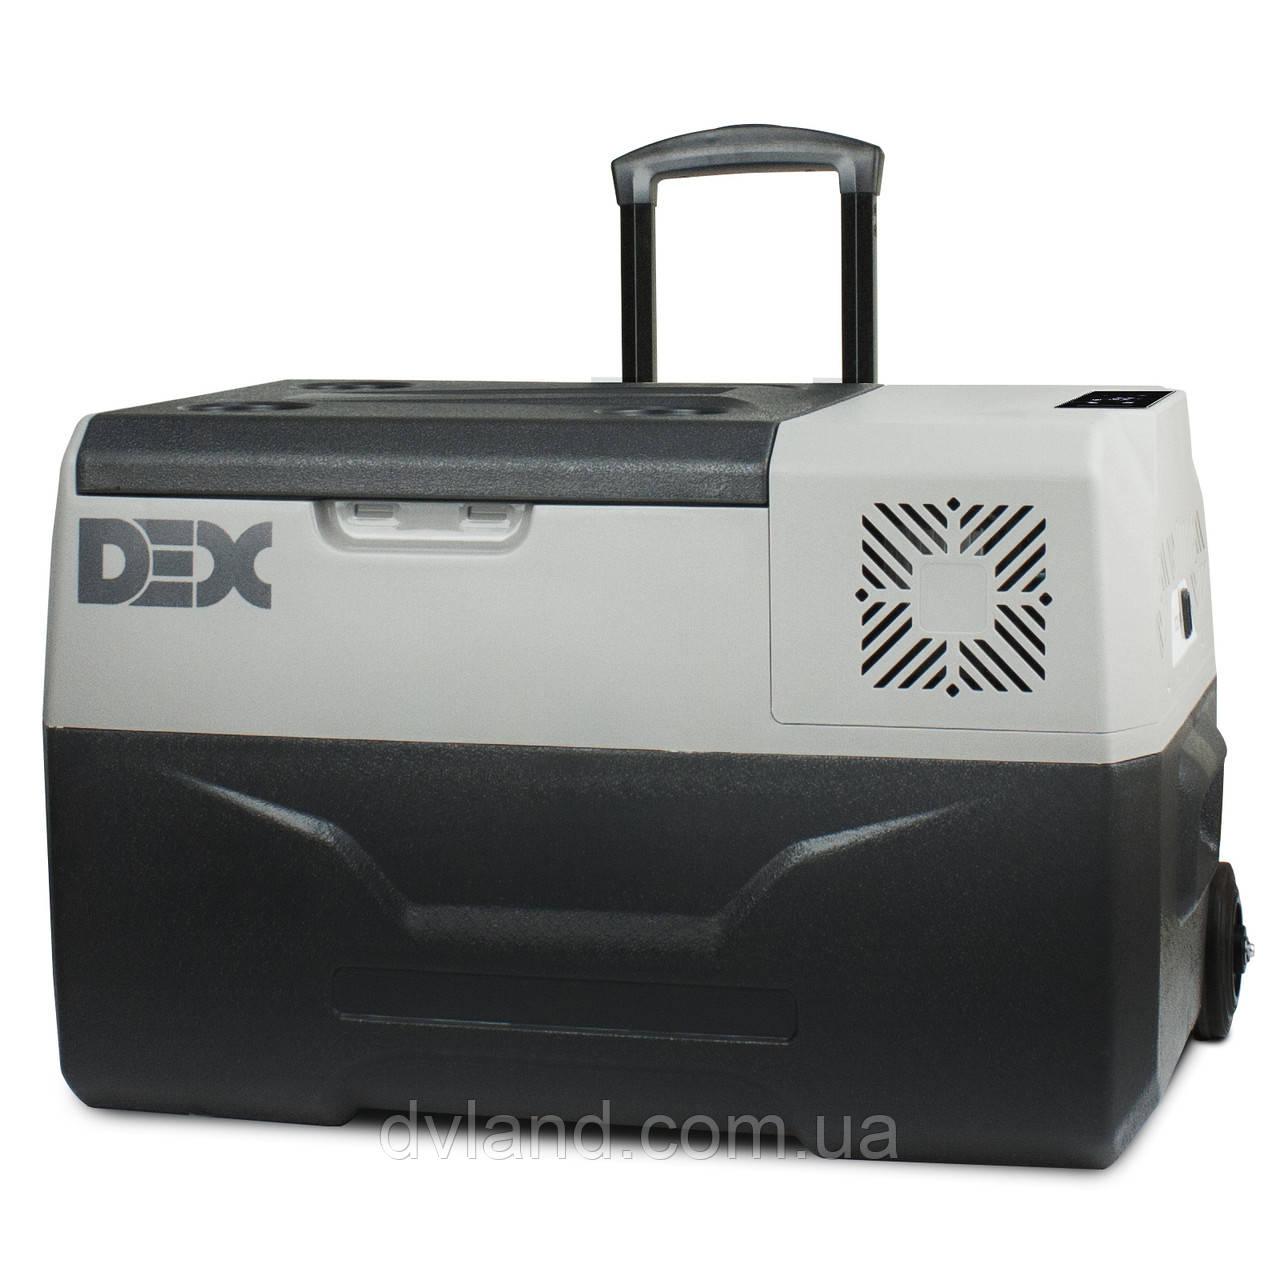 Автохолодильник-морозильник DEX CX-30 30л Компрессорный